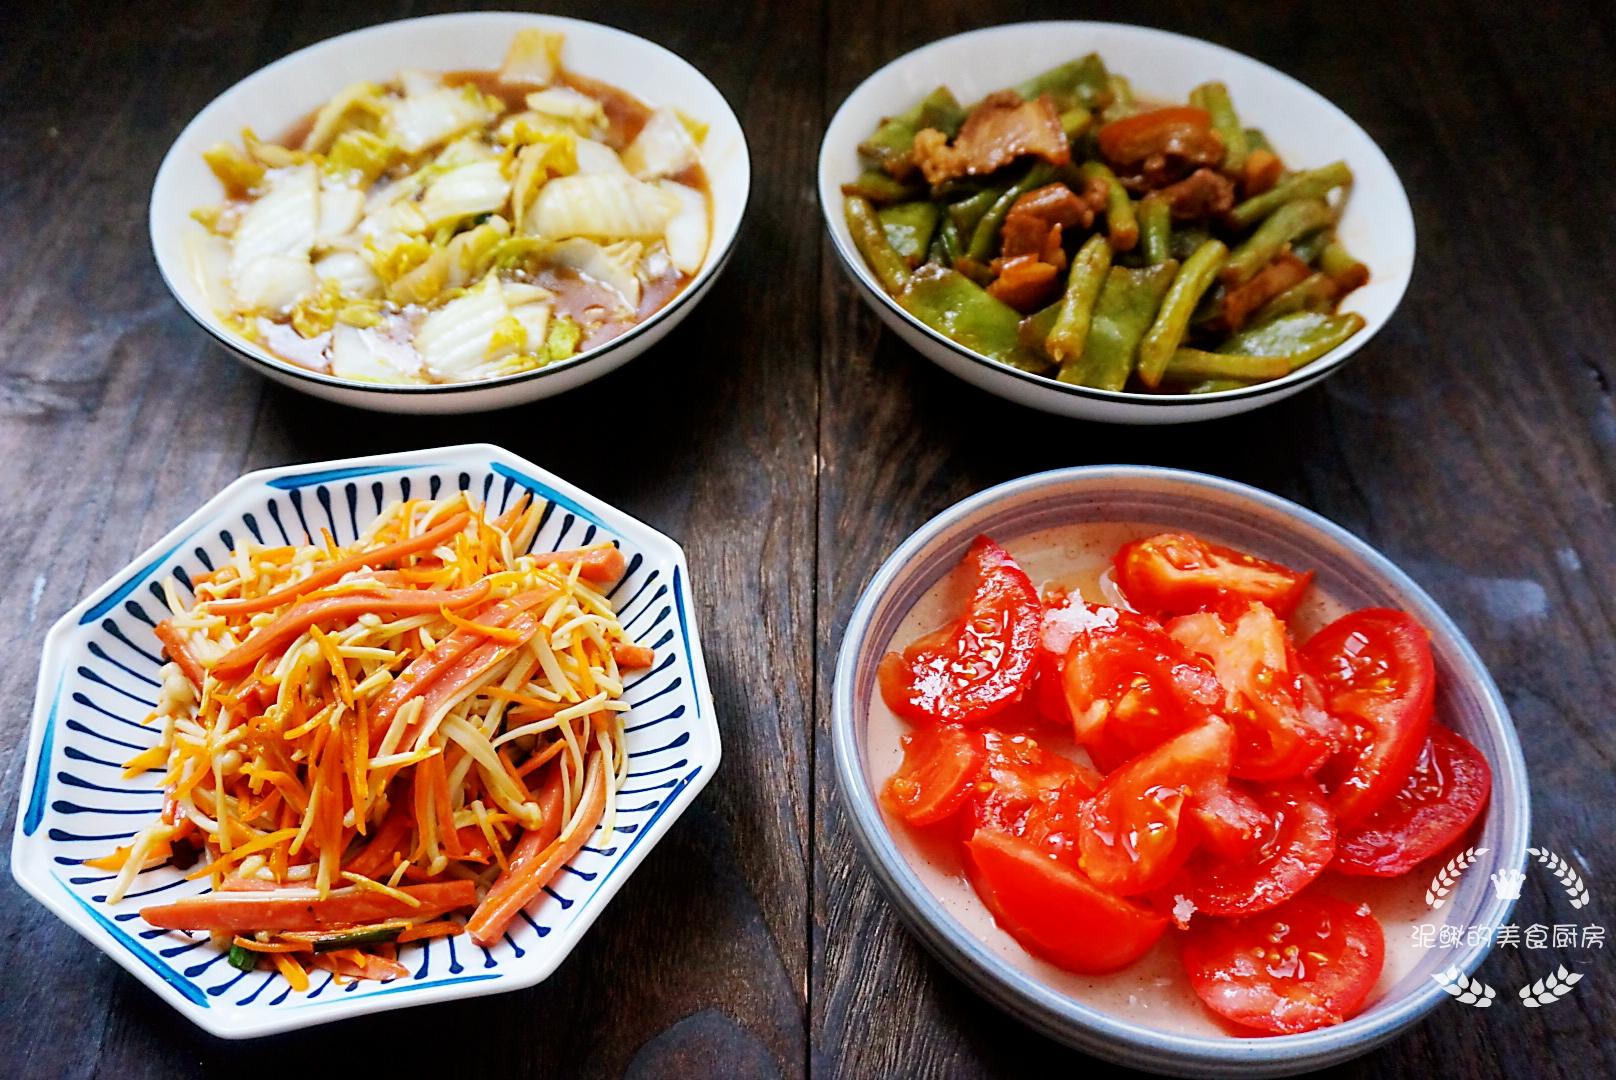 晒晒我家的晚餐,7天不重样,营养丰富,网友:生活有滋有味 美食做法 第2张